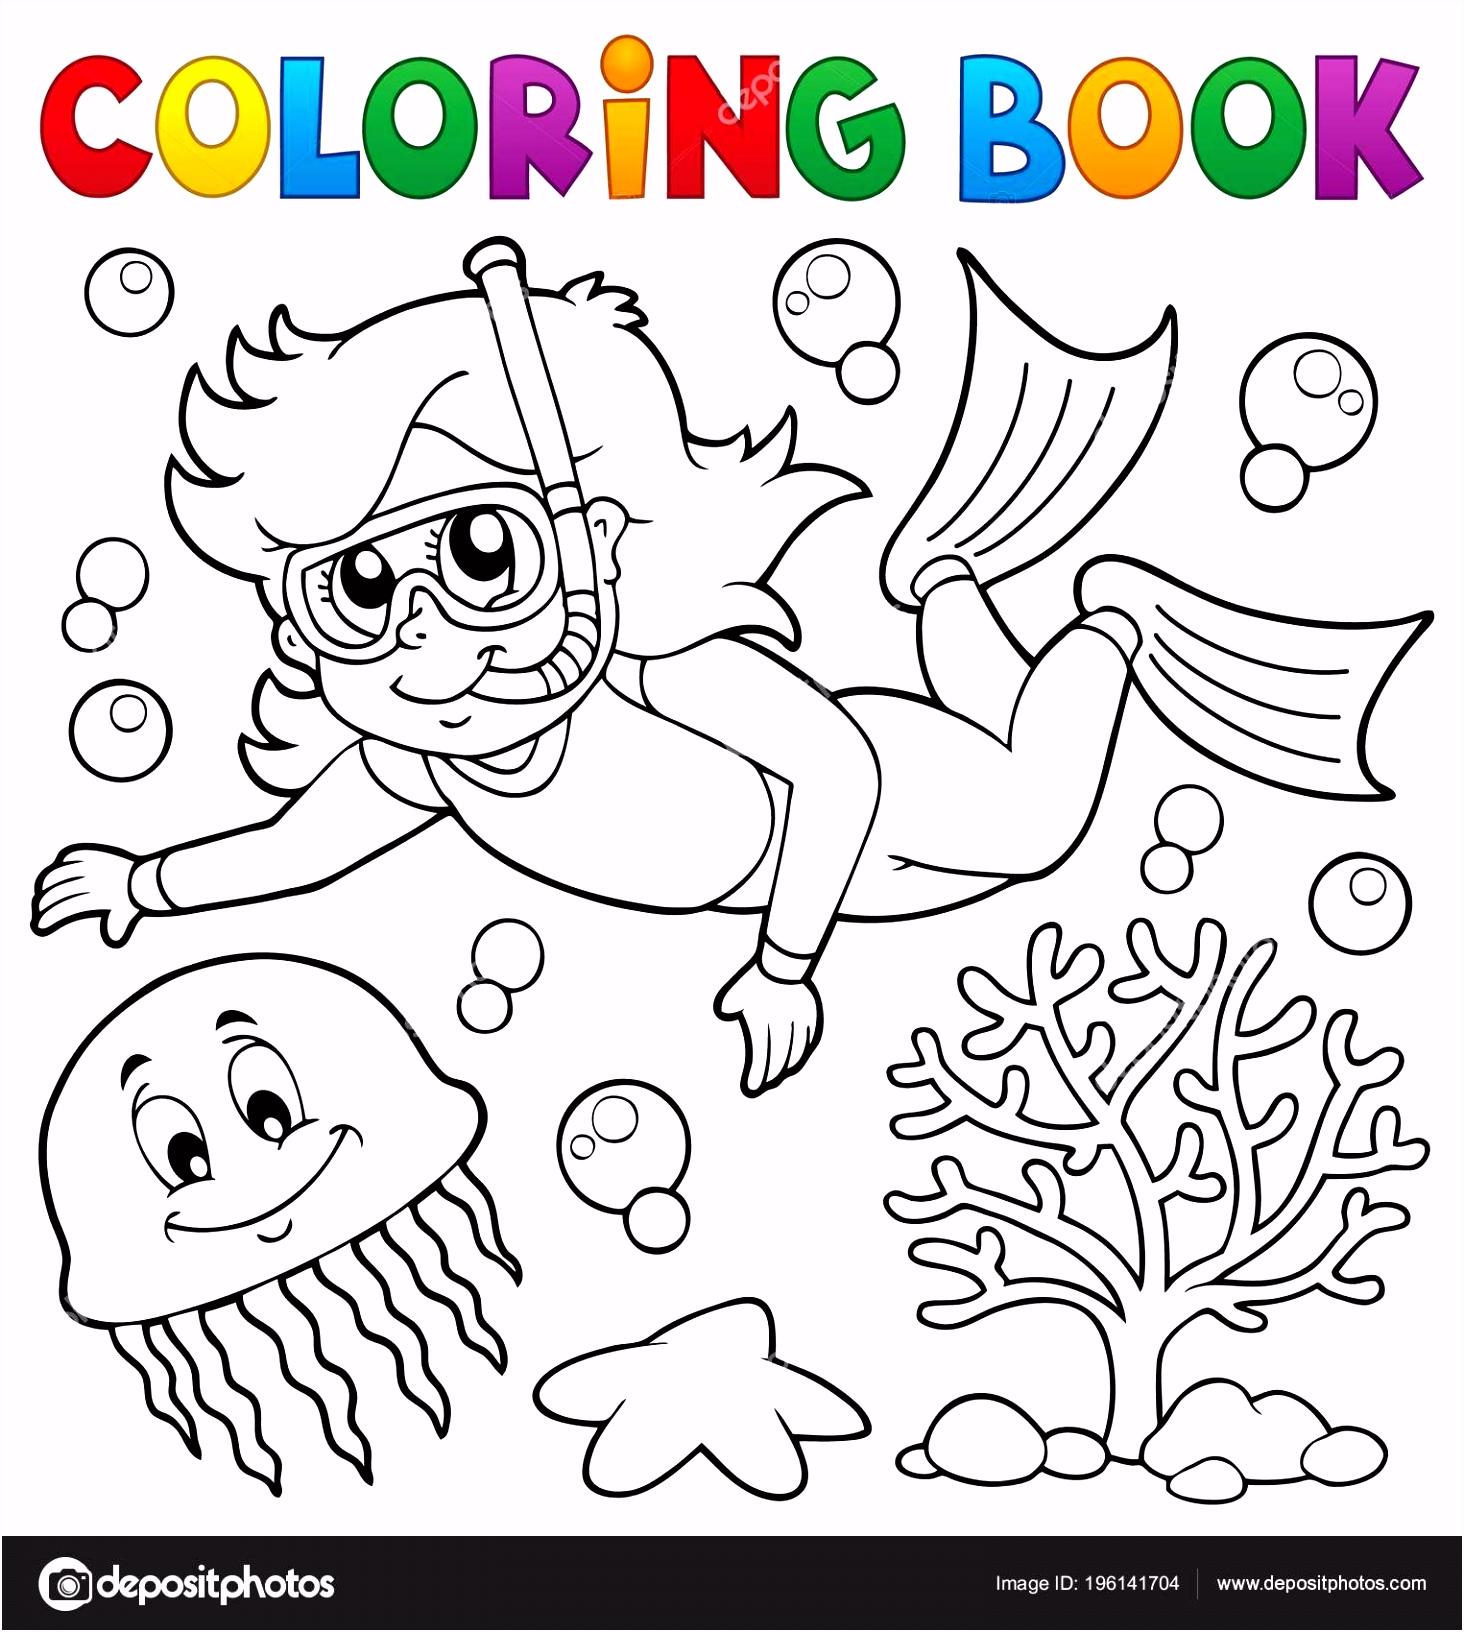 Kleurplaat Boek Meisje Snorkel Duiker Eps10 Vectorillustratie